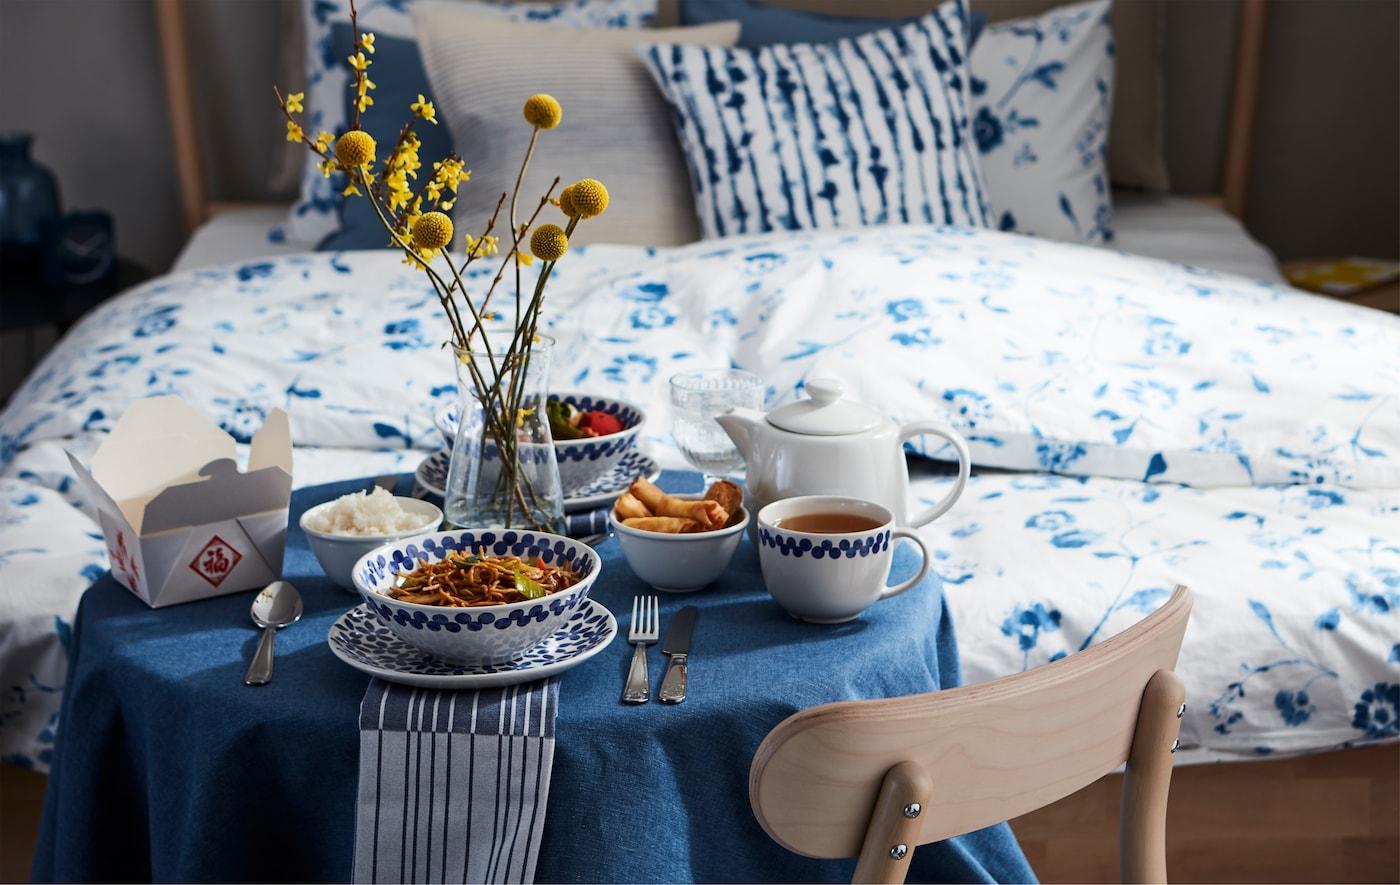 Gepflegt gedeckter Tisch für eine Person mit geliefertem Essen an einem Bett für das Roomservice-Feeling